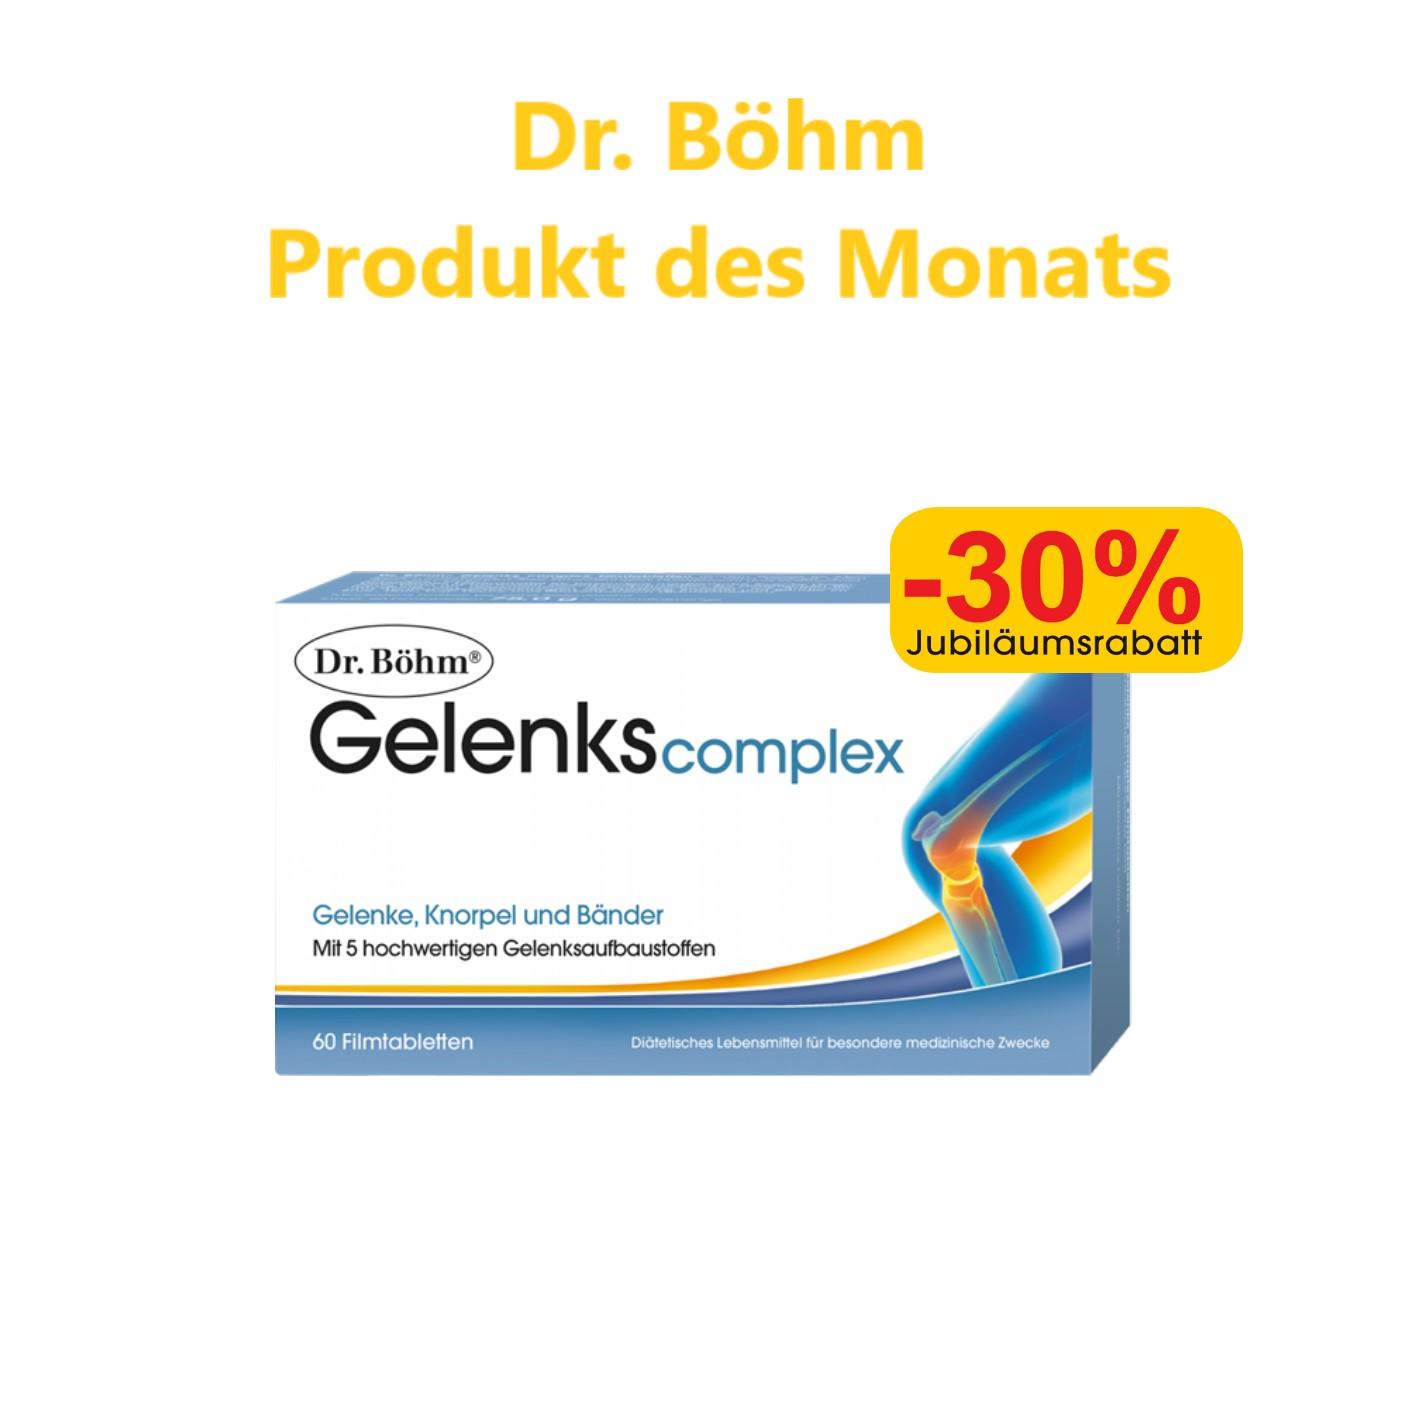 50 Jahre Dr. Böhm Aktion: Gelenkscomplex-30%